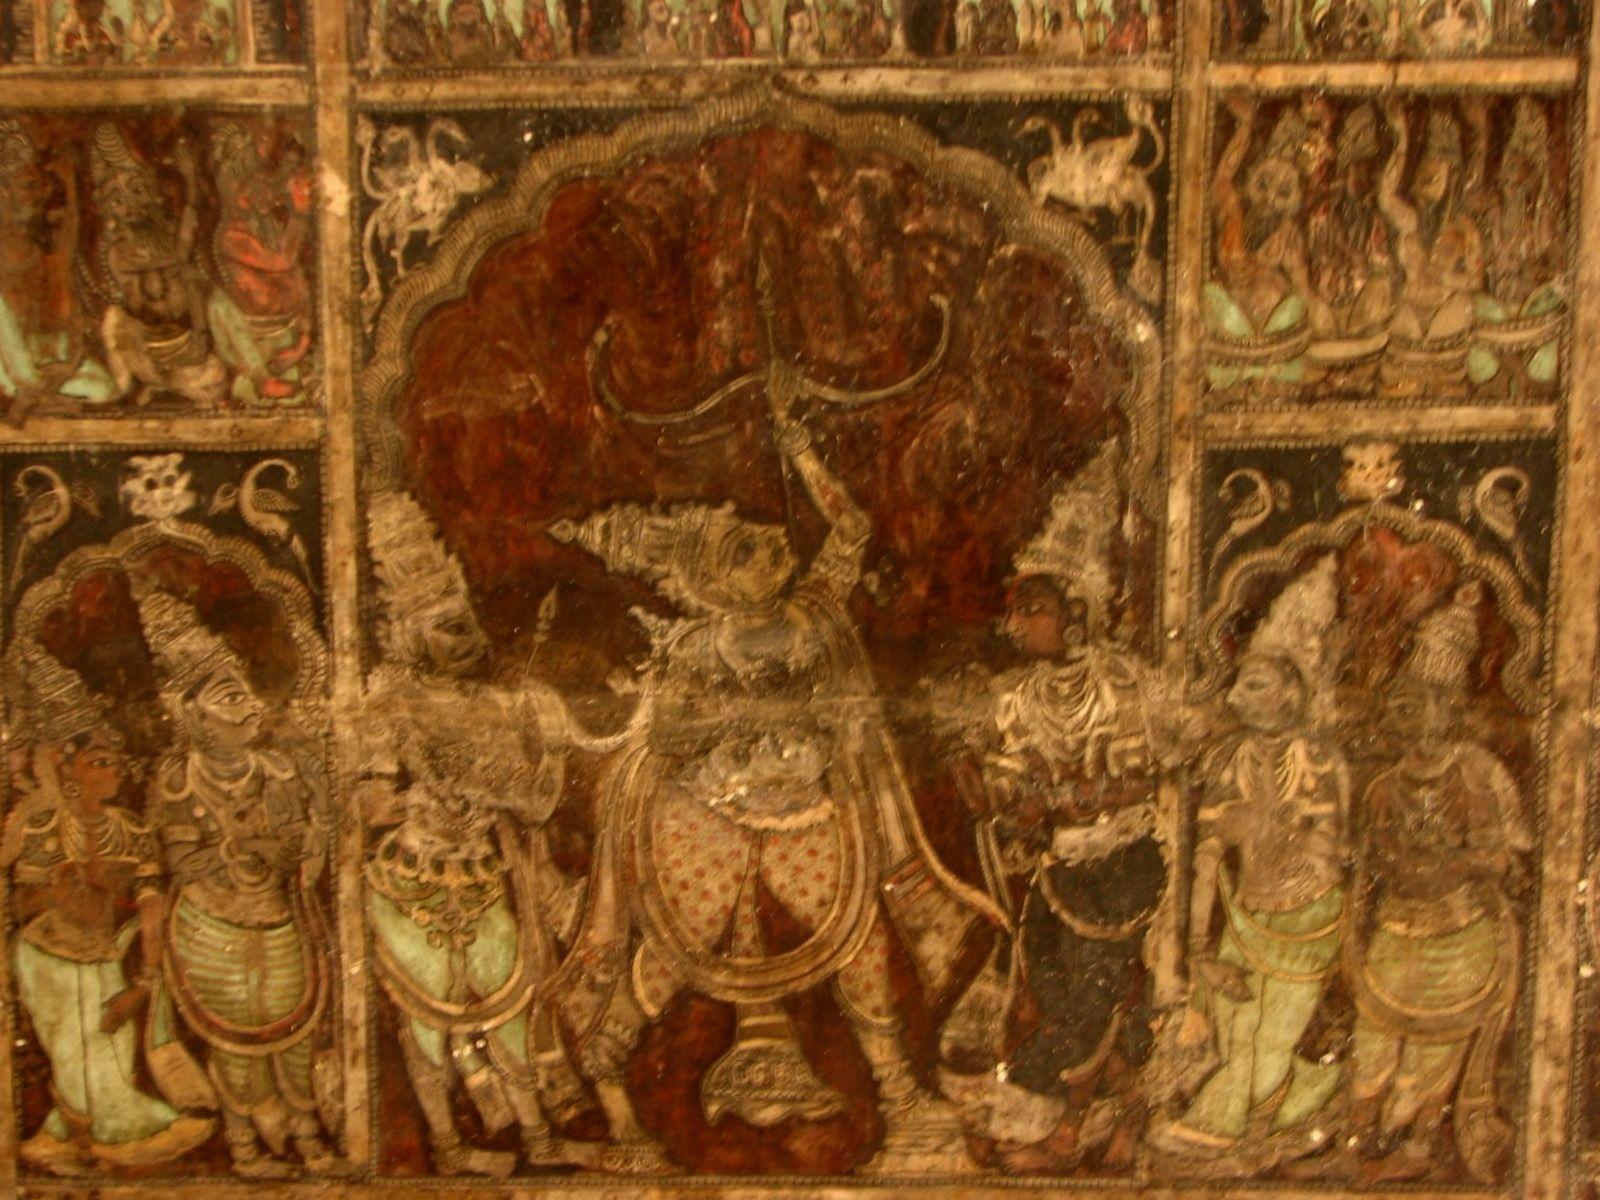 Painted ceiling, Virupaksha temple, Hampi, 15th century | Painting ...